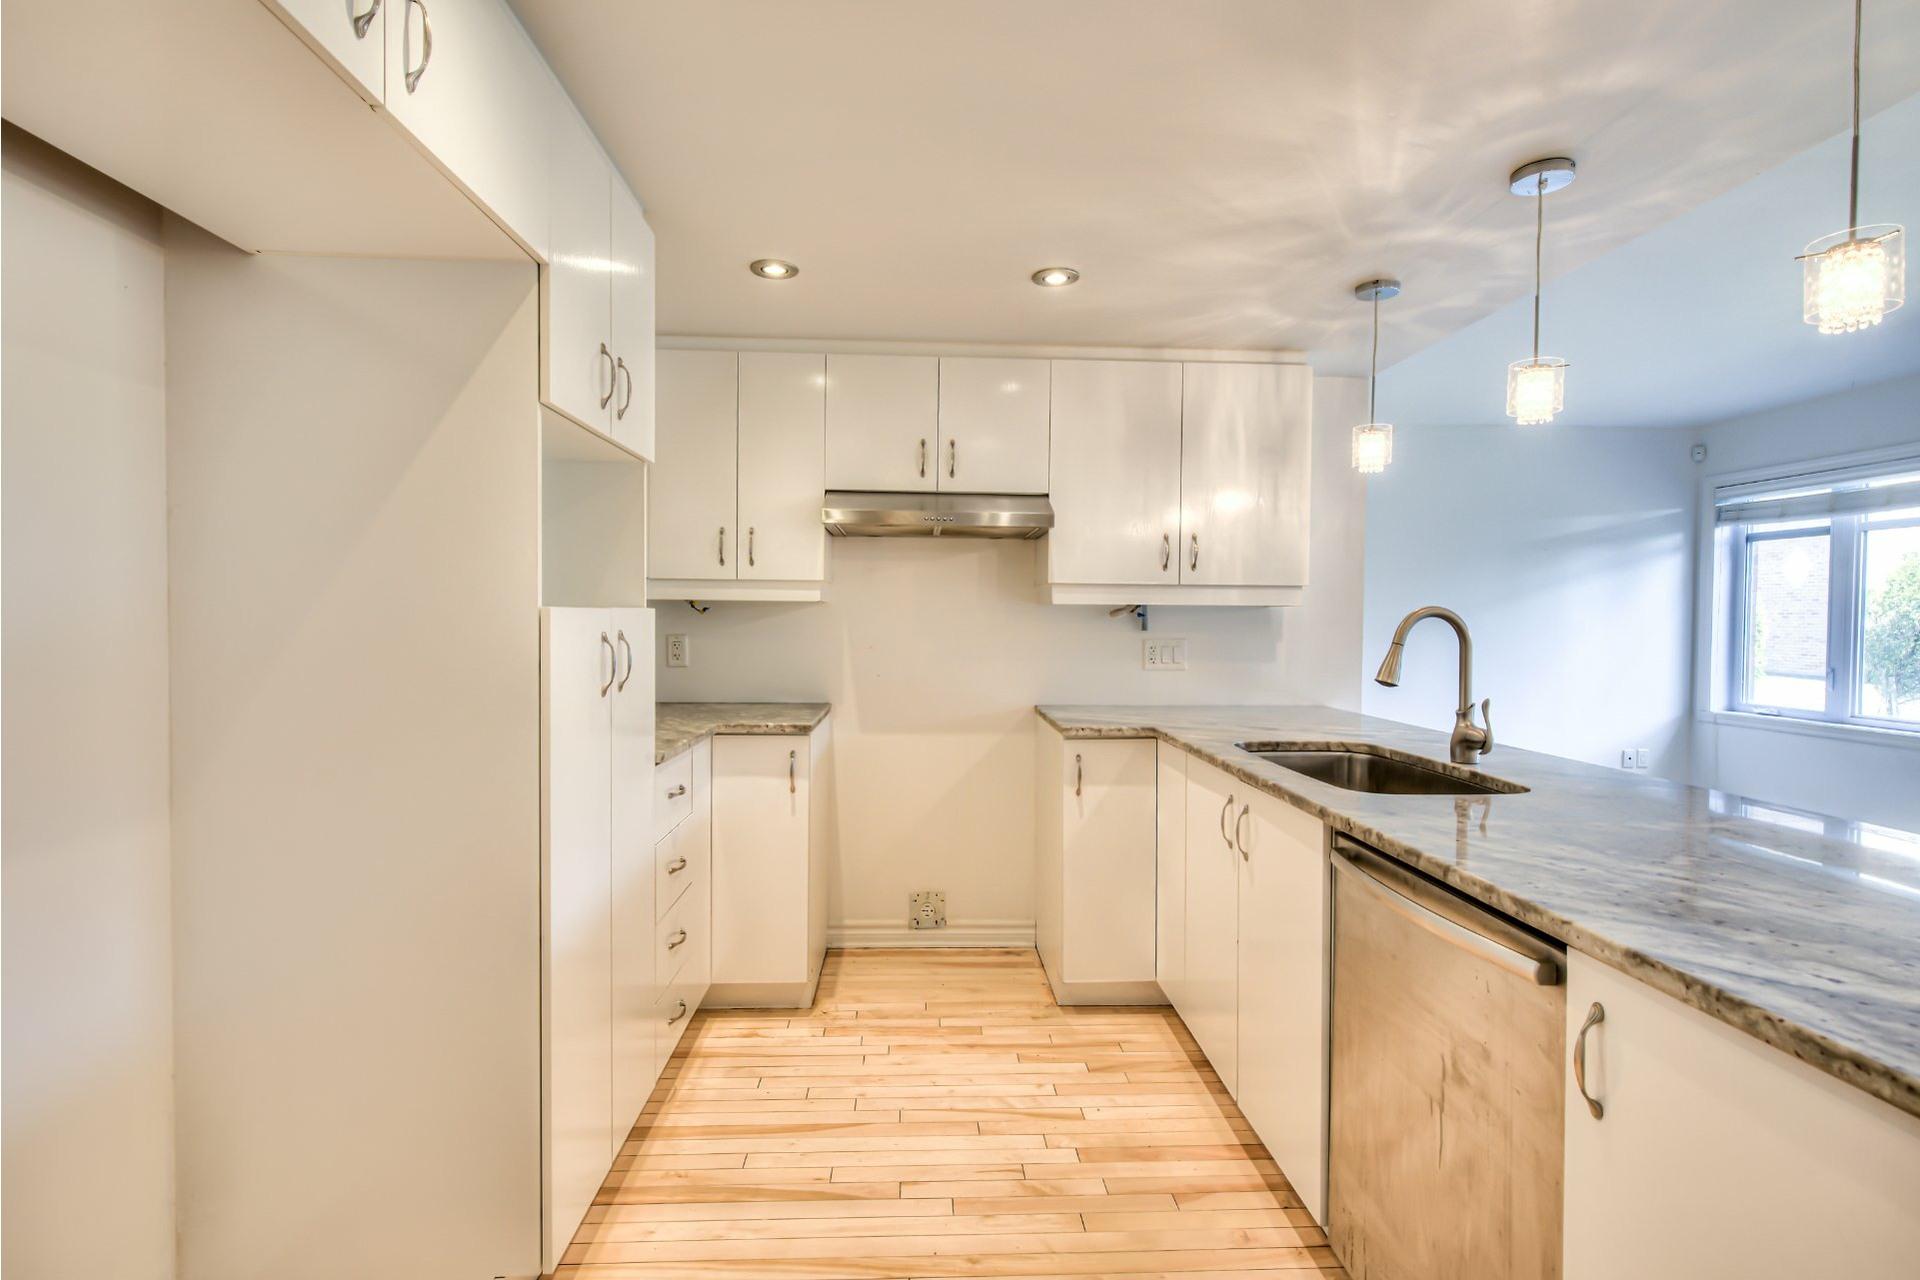 image 6 - Apartment For sale Saint-Laurent Montréal  - 6 rooms